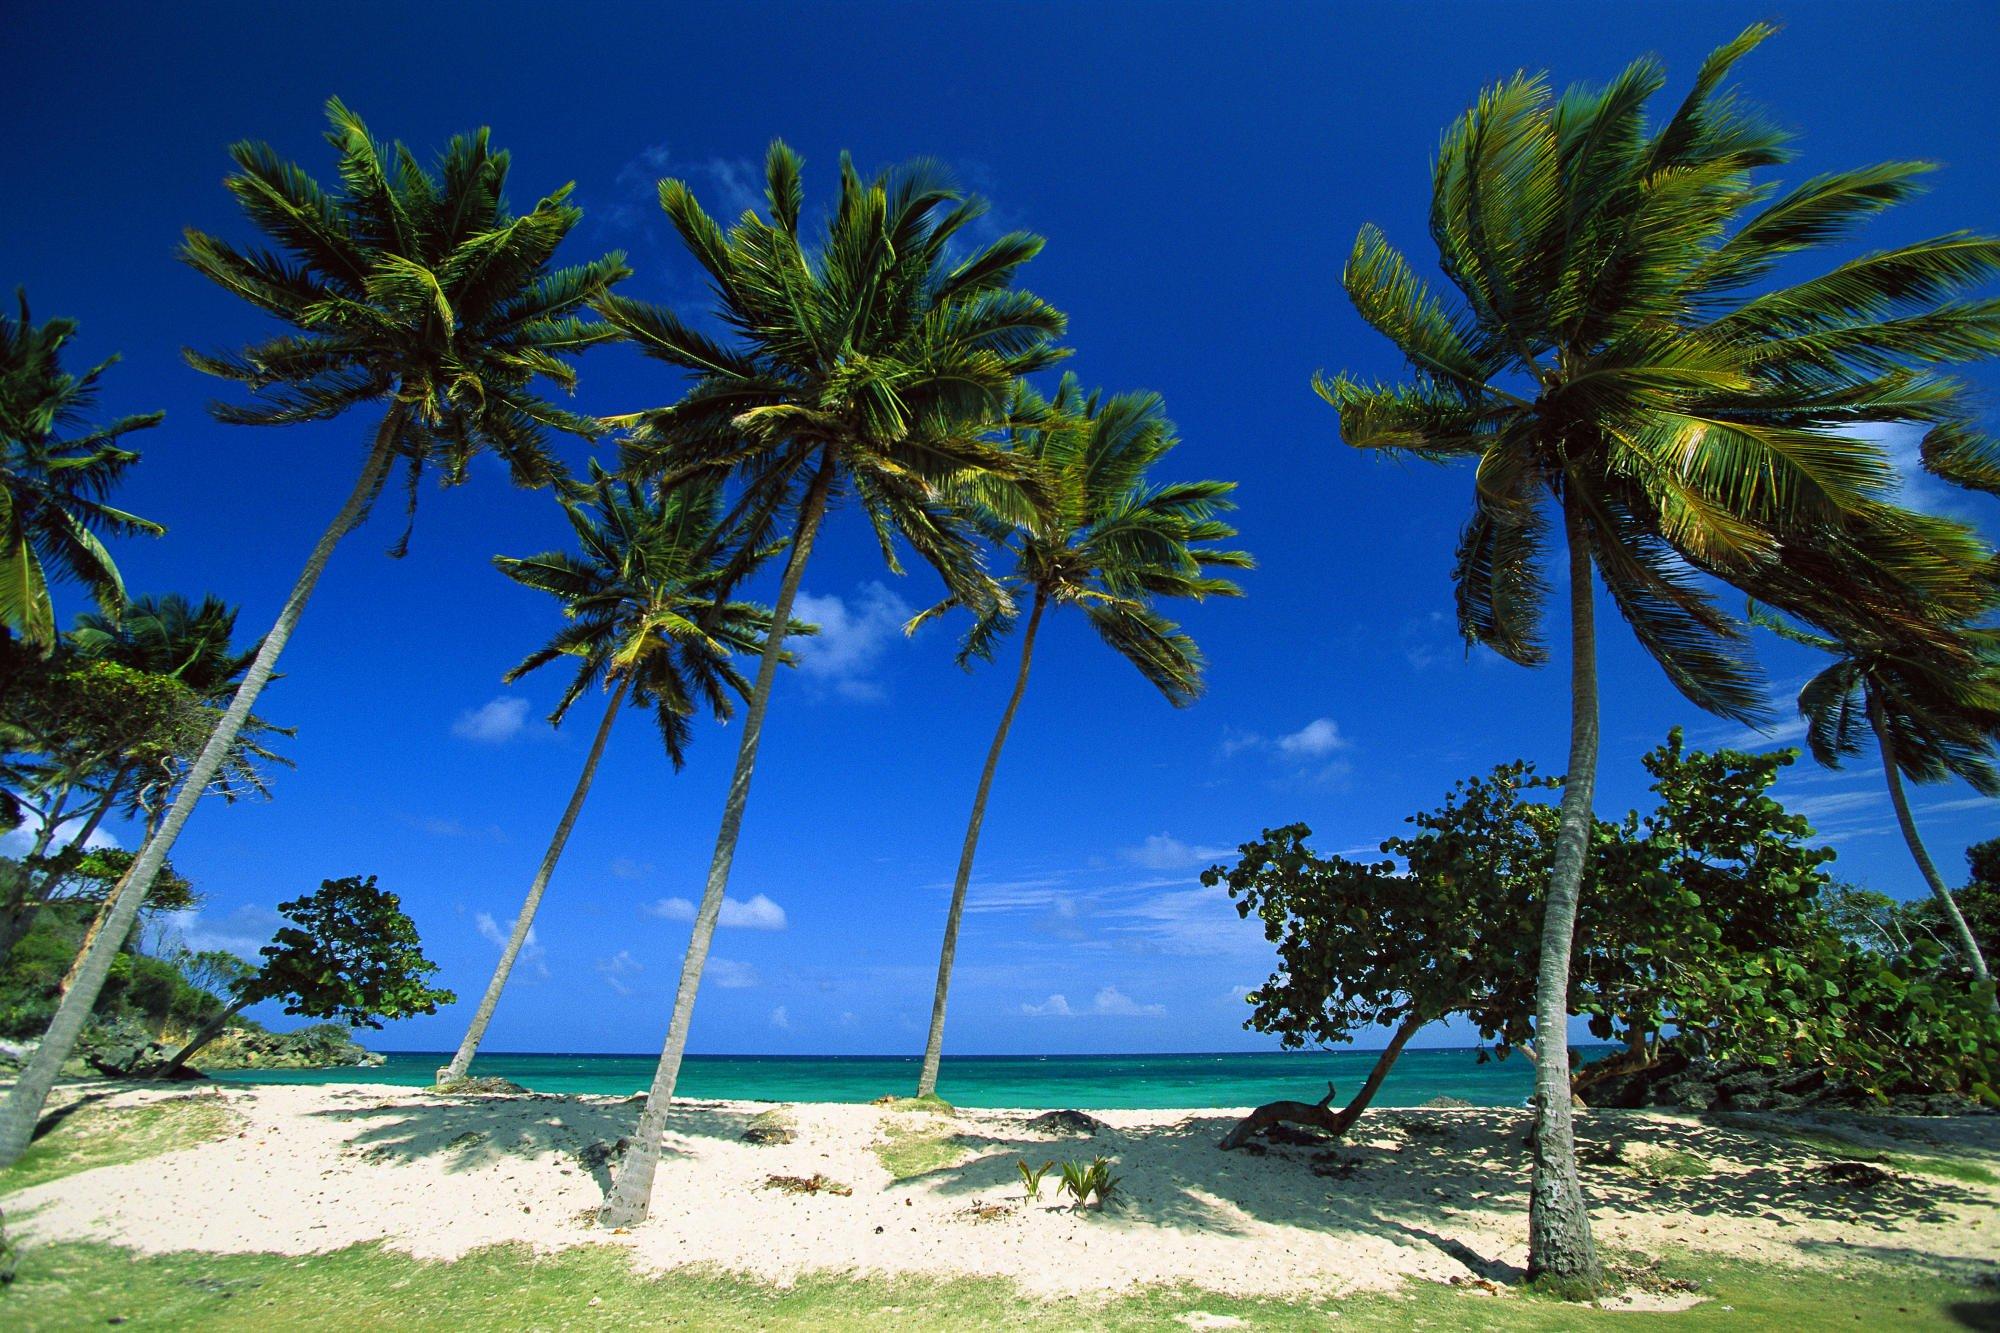 образец заполнения туристической карты в доминикану